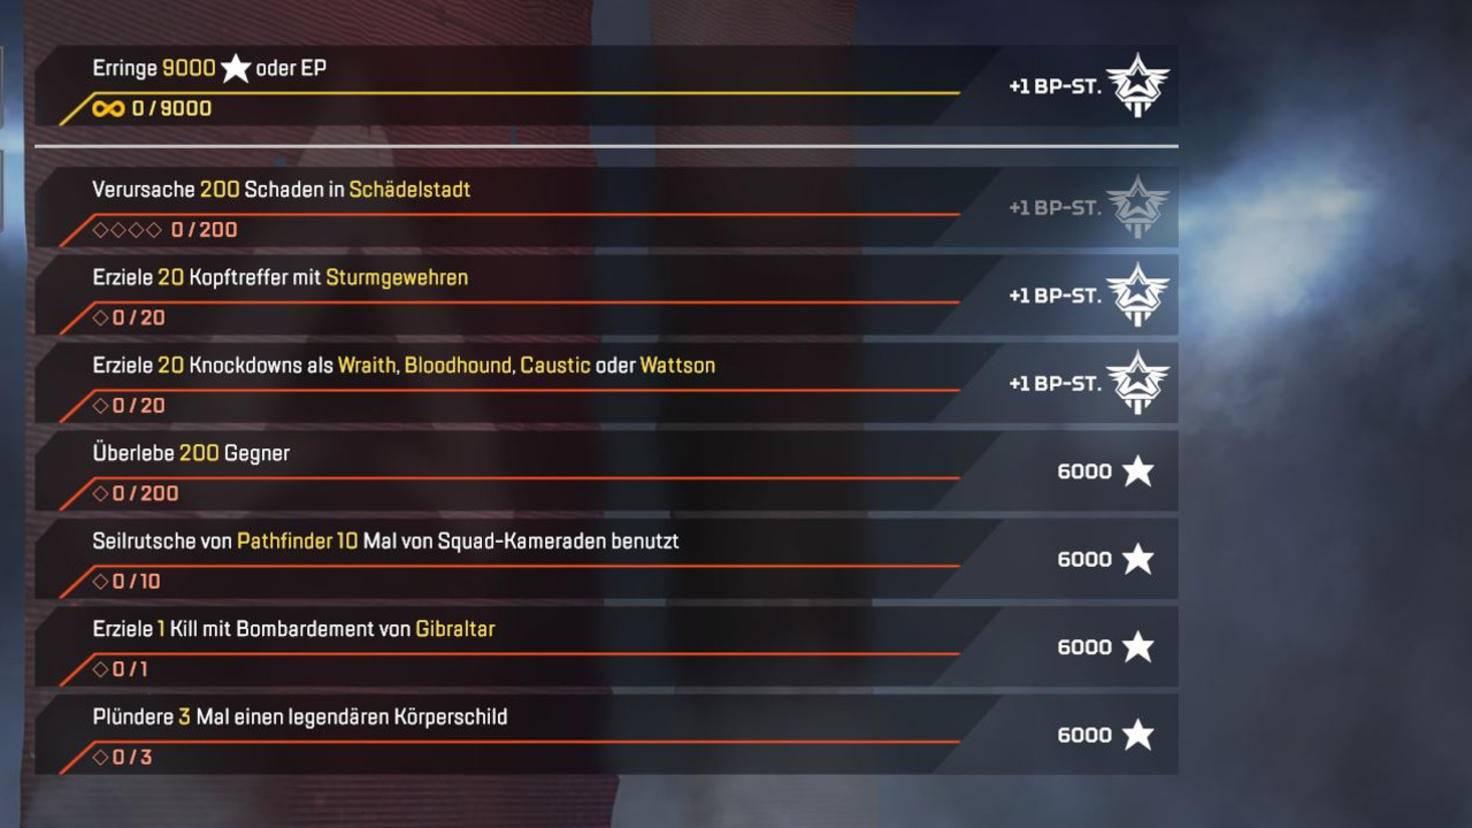 apex-legends-woche-2-season-2-herausforderungen